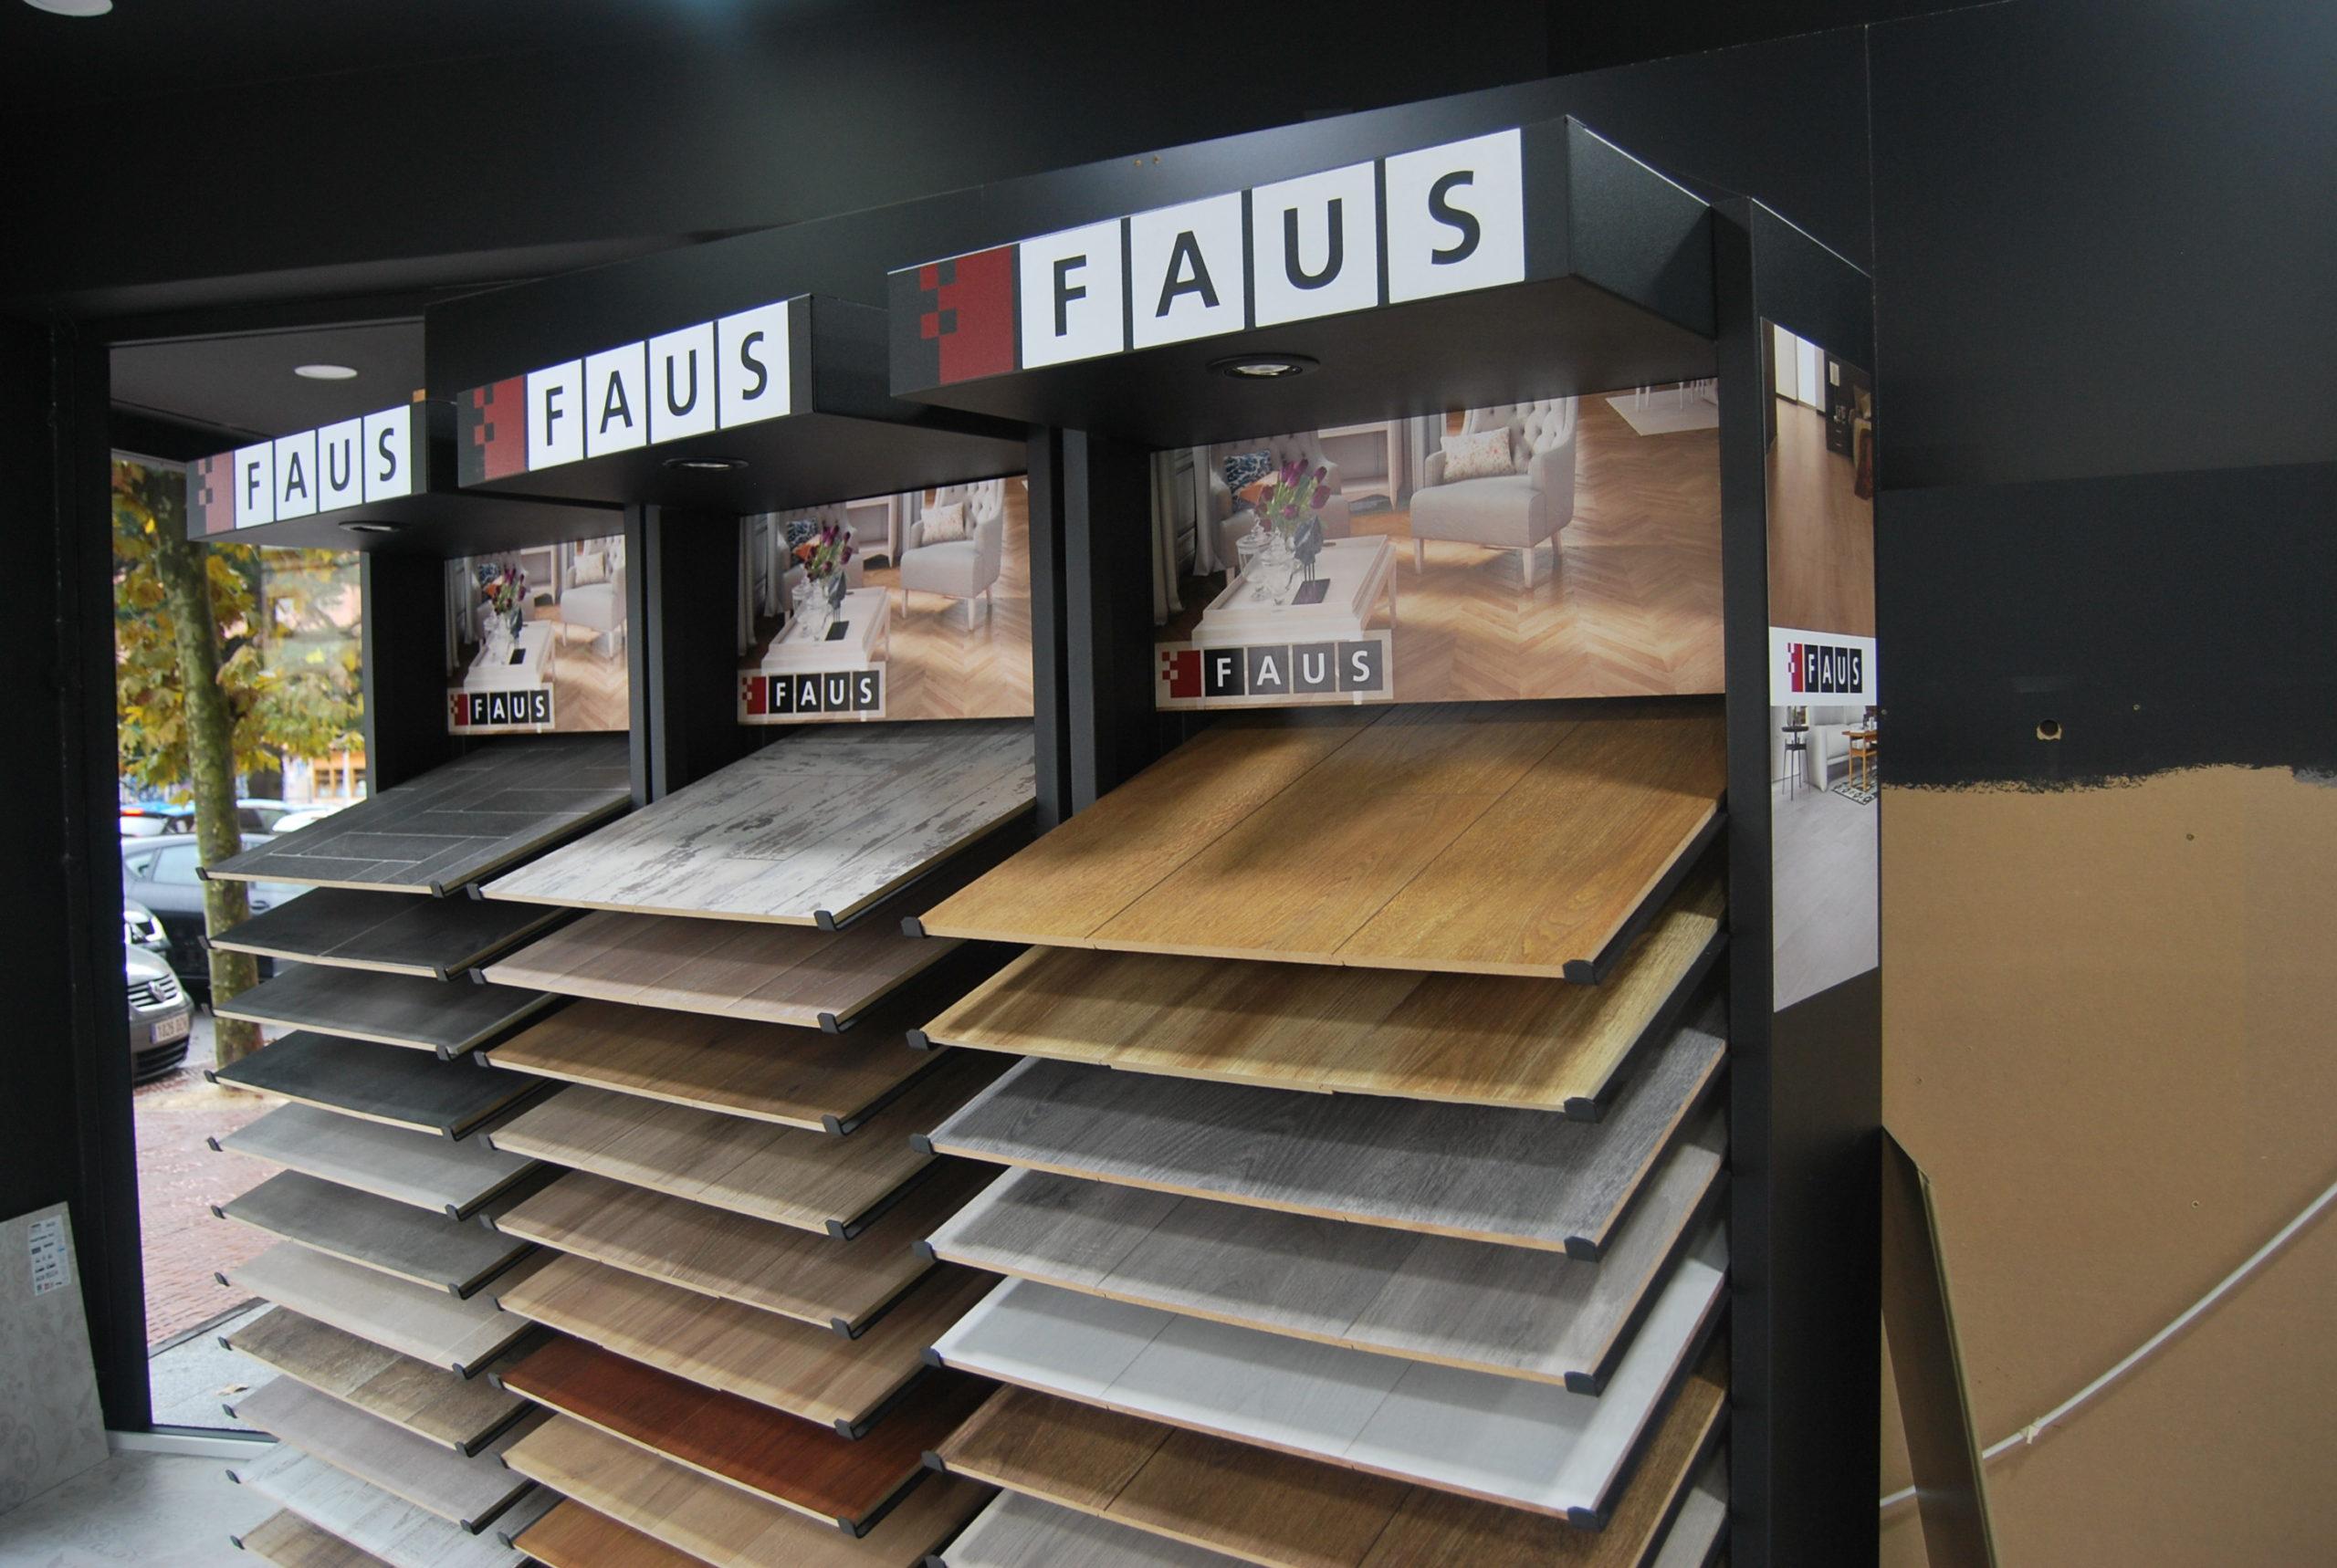 carpinteria-luis-fuente-suelos-de-madera-burgos-españa-taller-madera-de-calidad-premium-muebles-compra-venta-marca-faus (2)